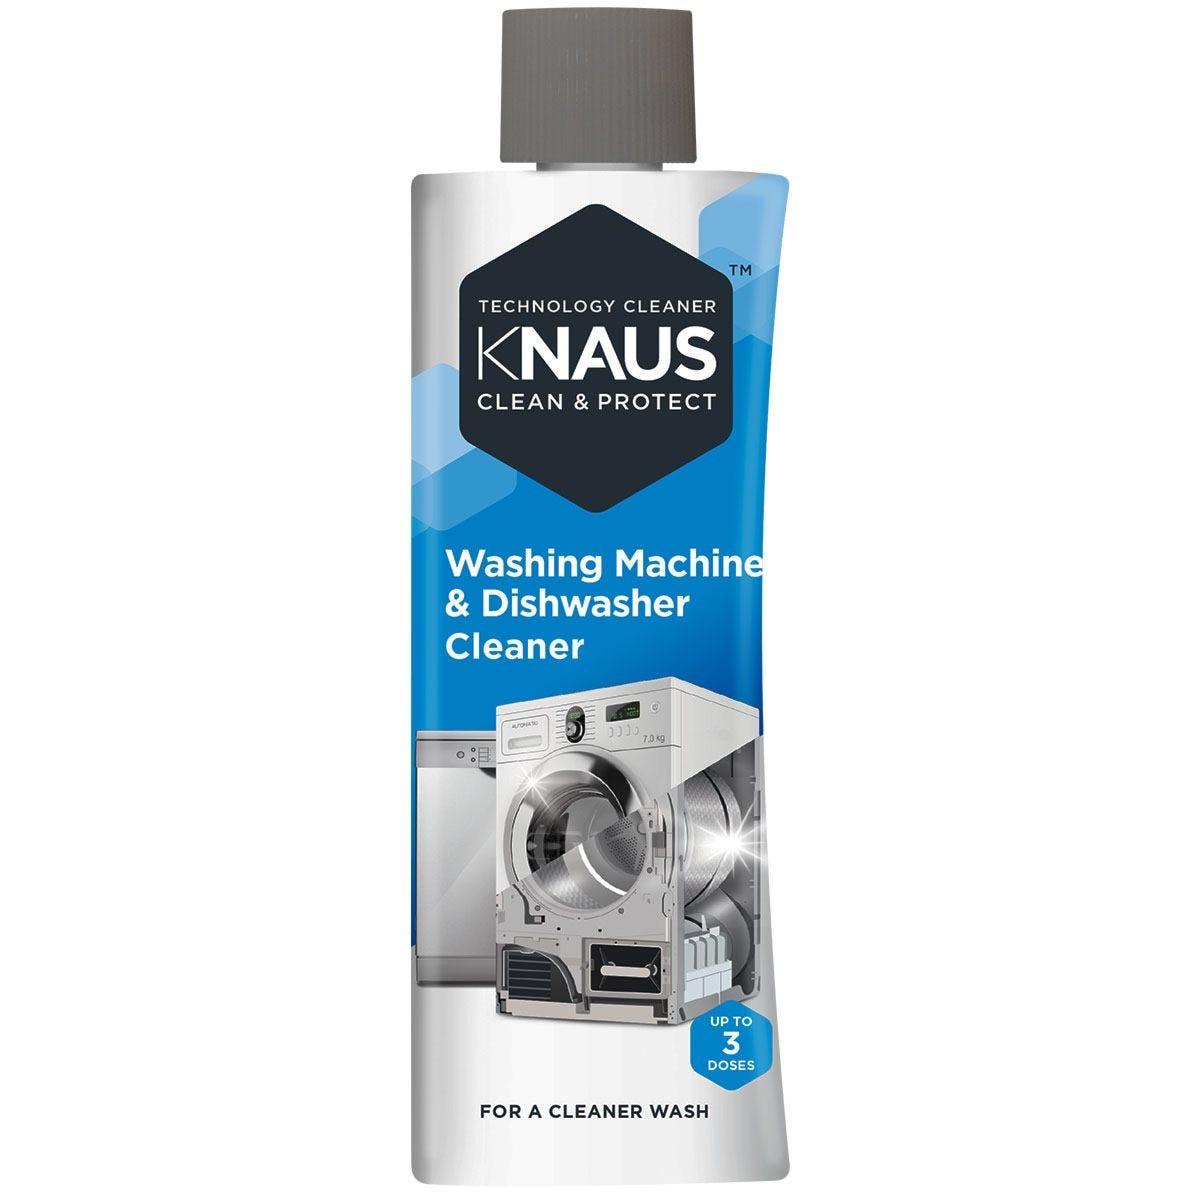 Knaus Washing Machine Cleaner